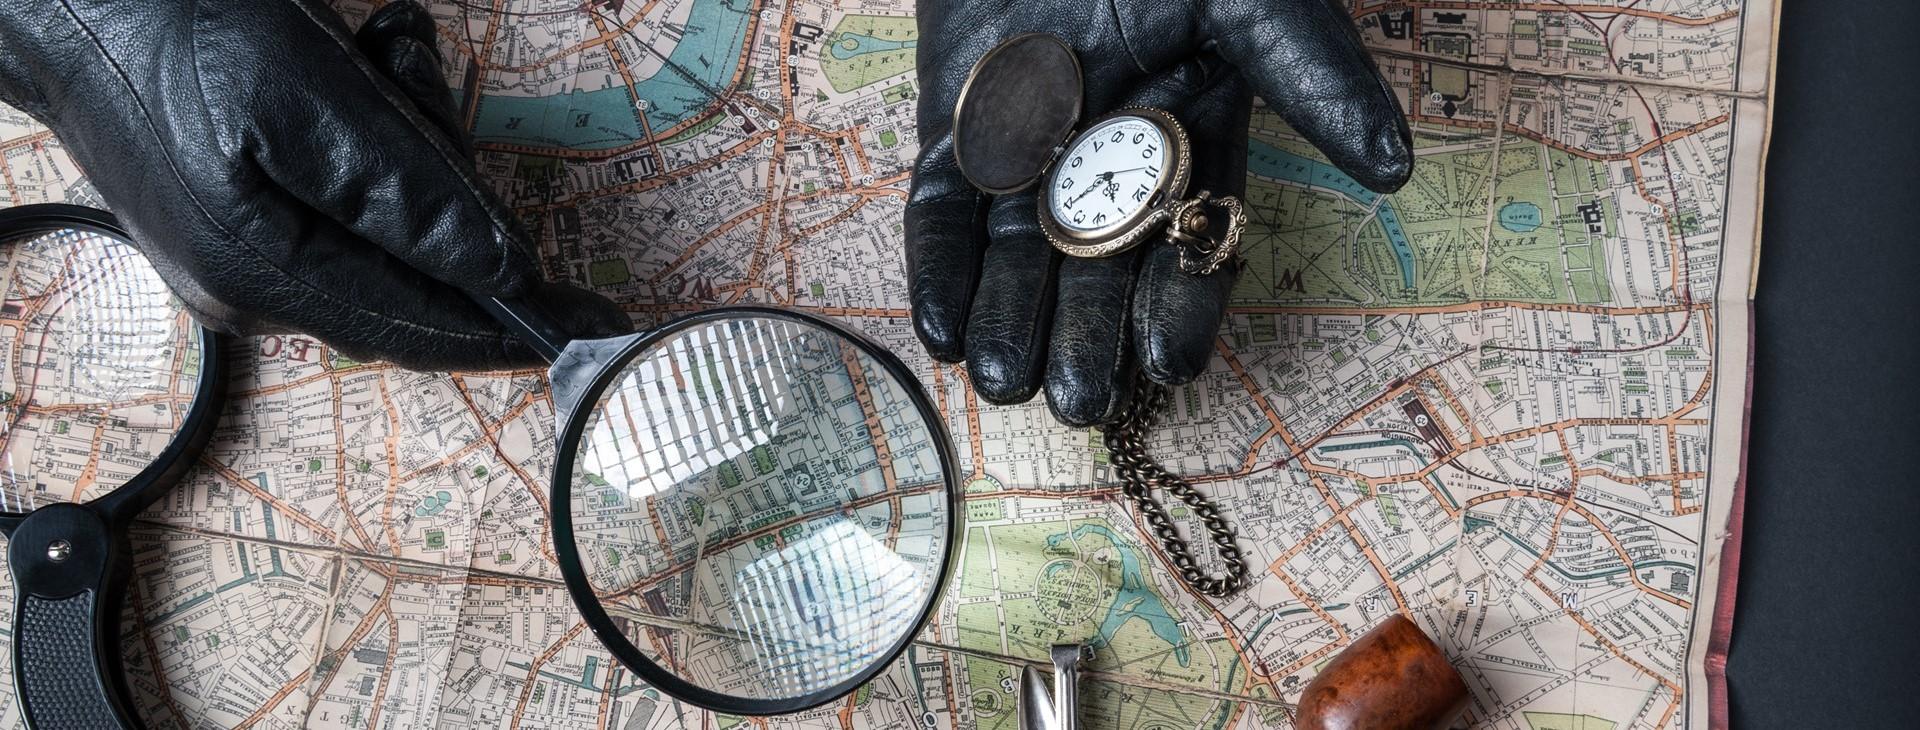 Как определить местонахождение человека